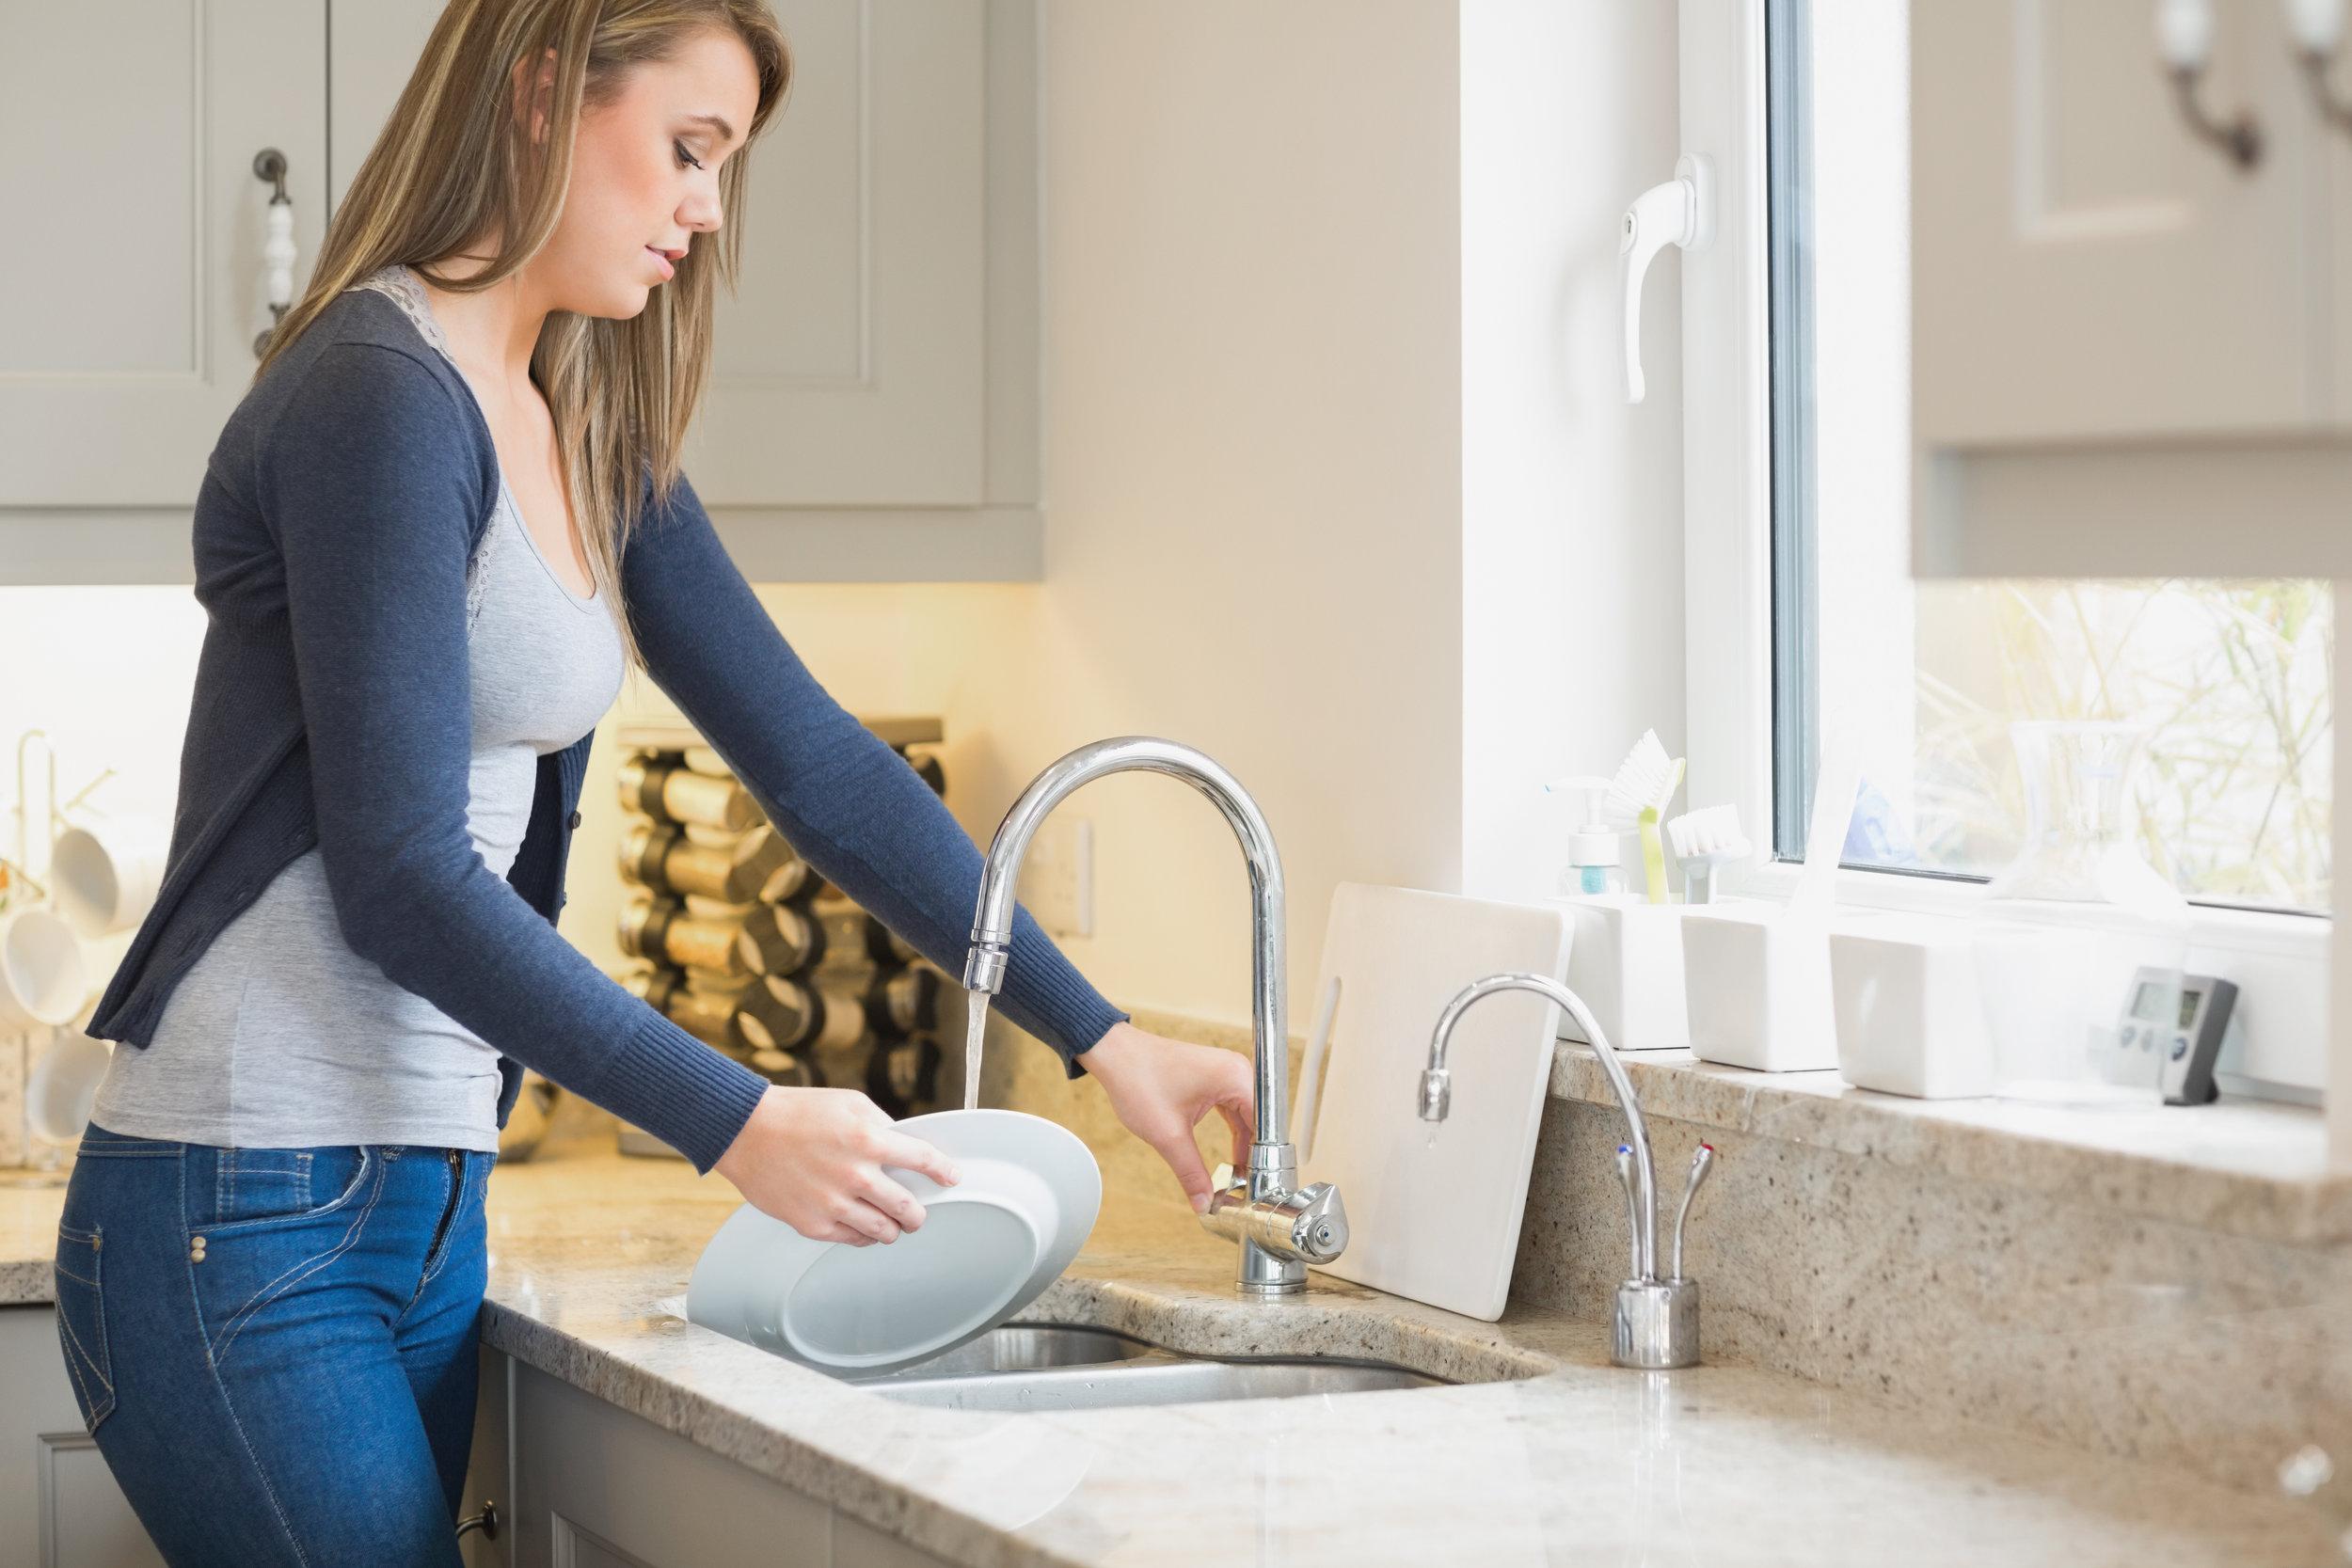 Viste du at det ikke er energibesparende å ta oppvasken for hånd? Energiforbruket for å varme opp vann til håndoppvask kan være optil 30% høyere enn når du bruker en A+++ merket oppvaskmaskin.   Kilde: pengenytt.no